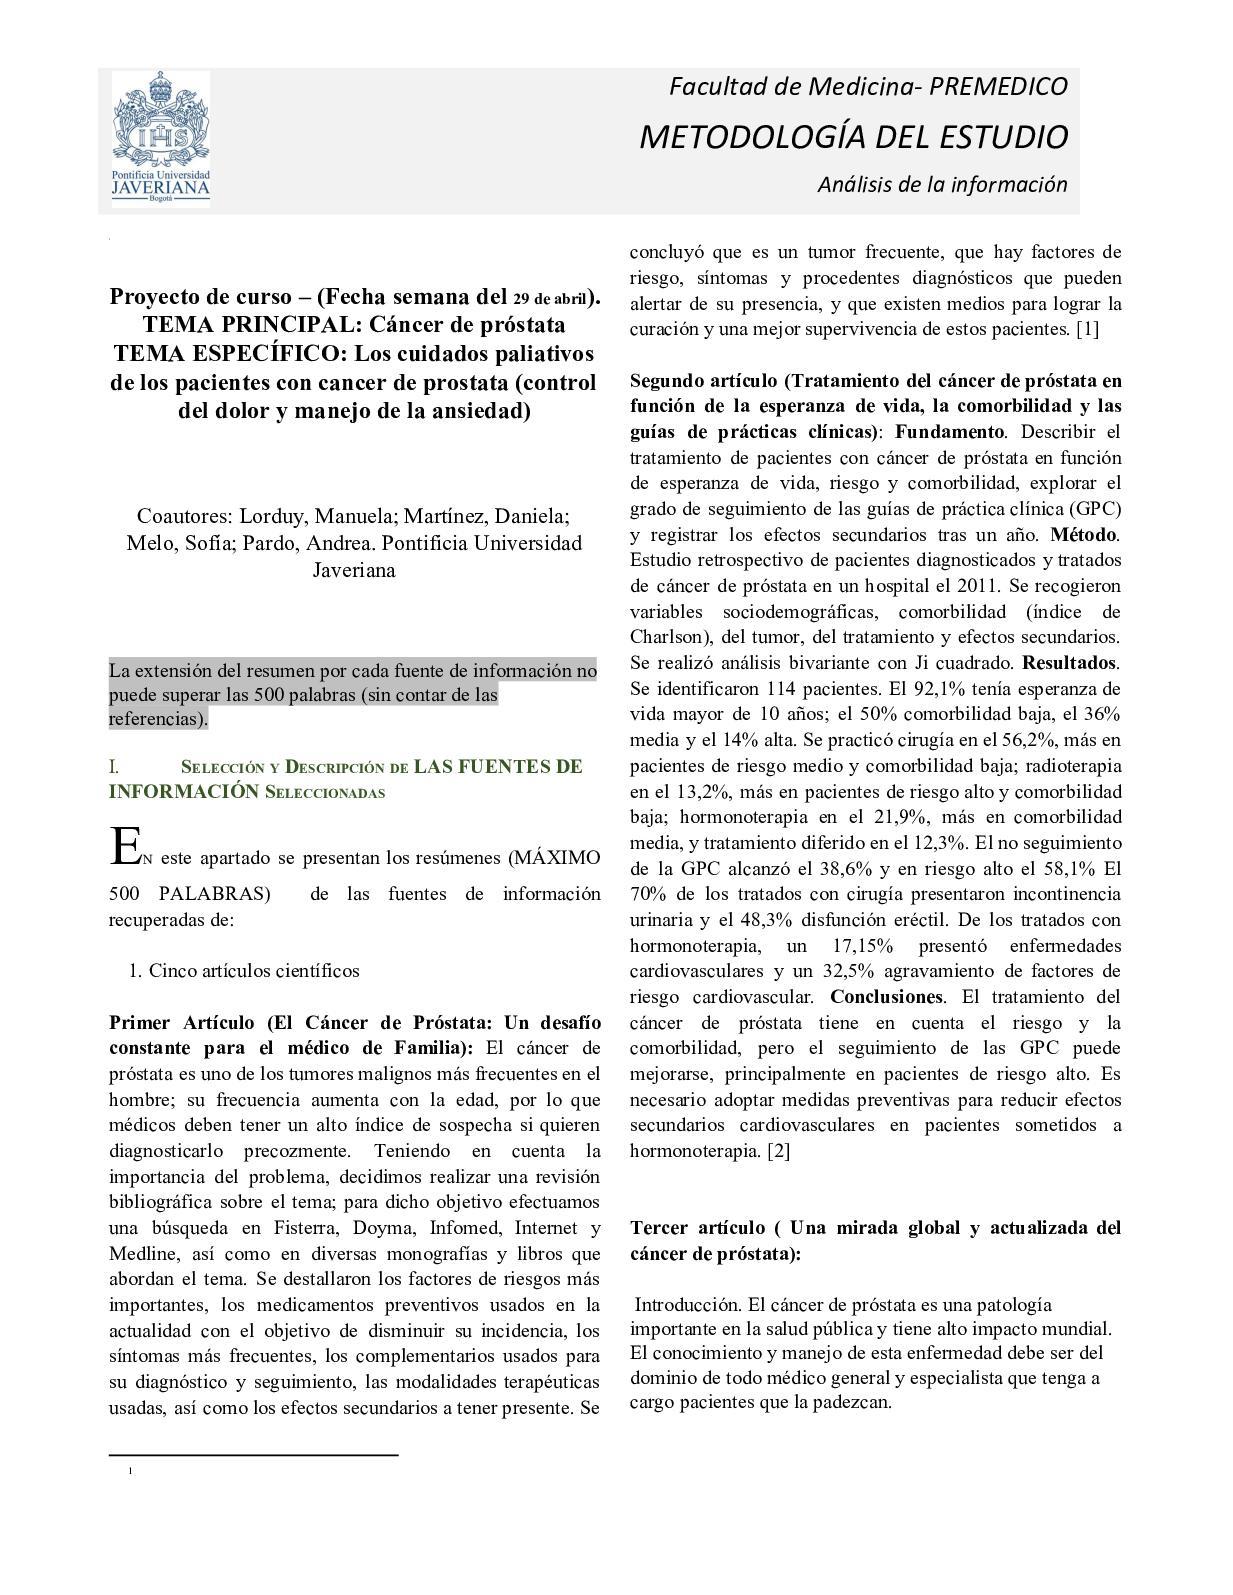 descripcion general del cancer de prostata